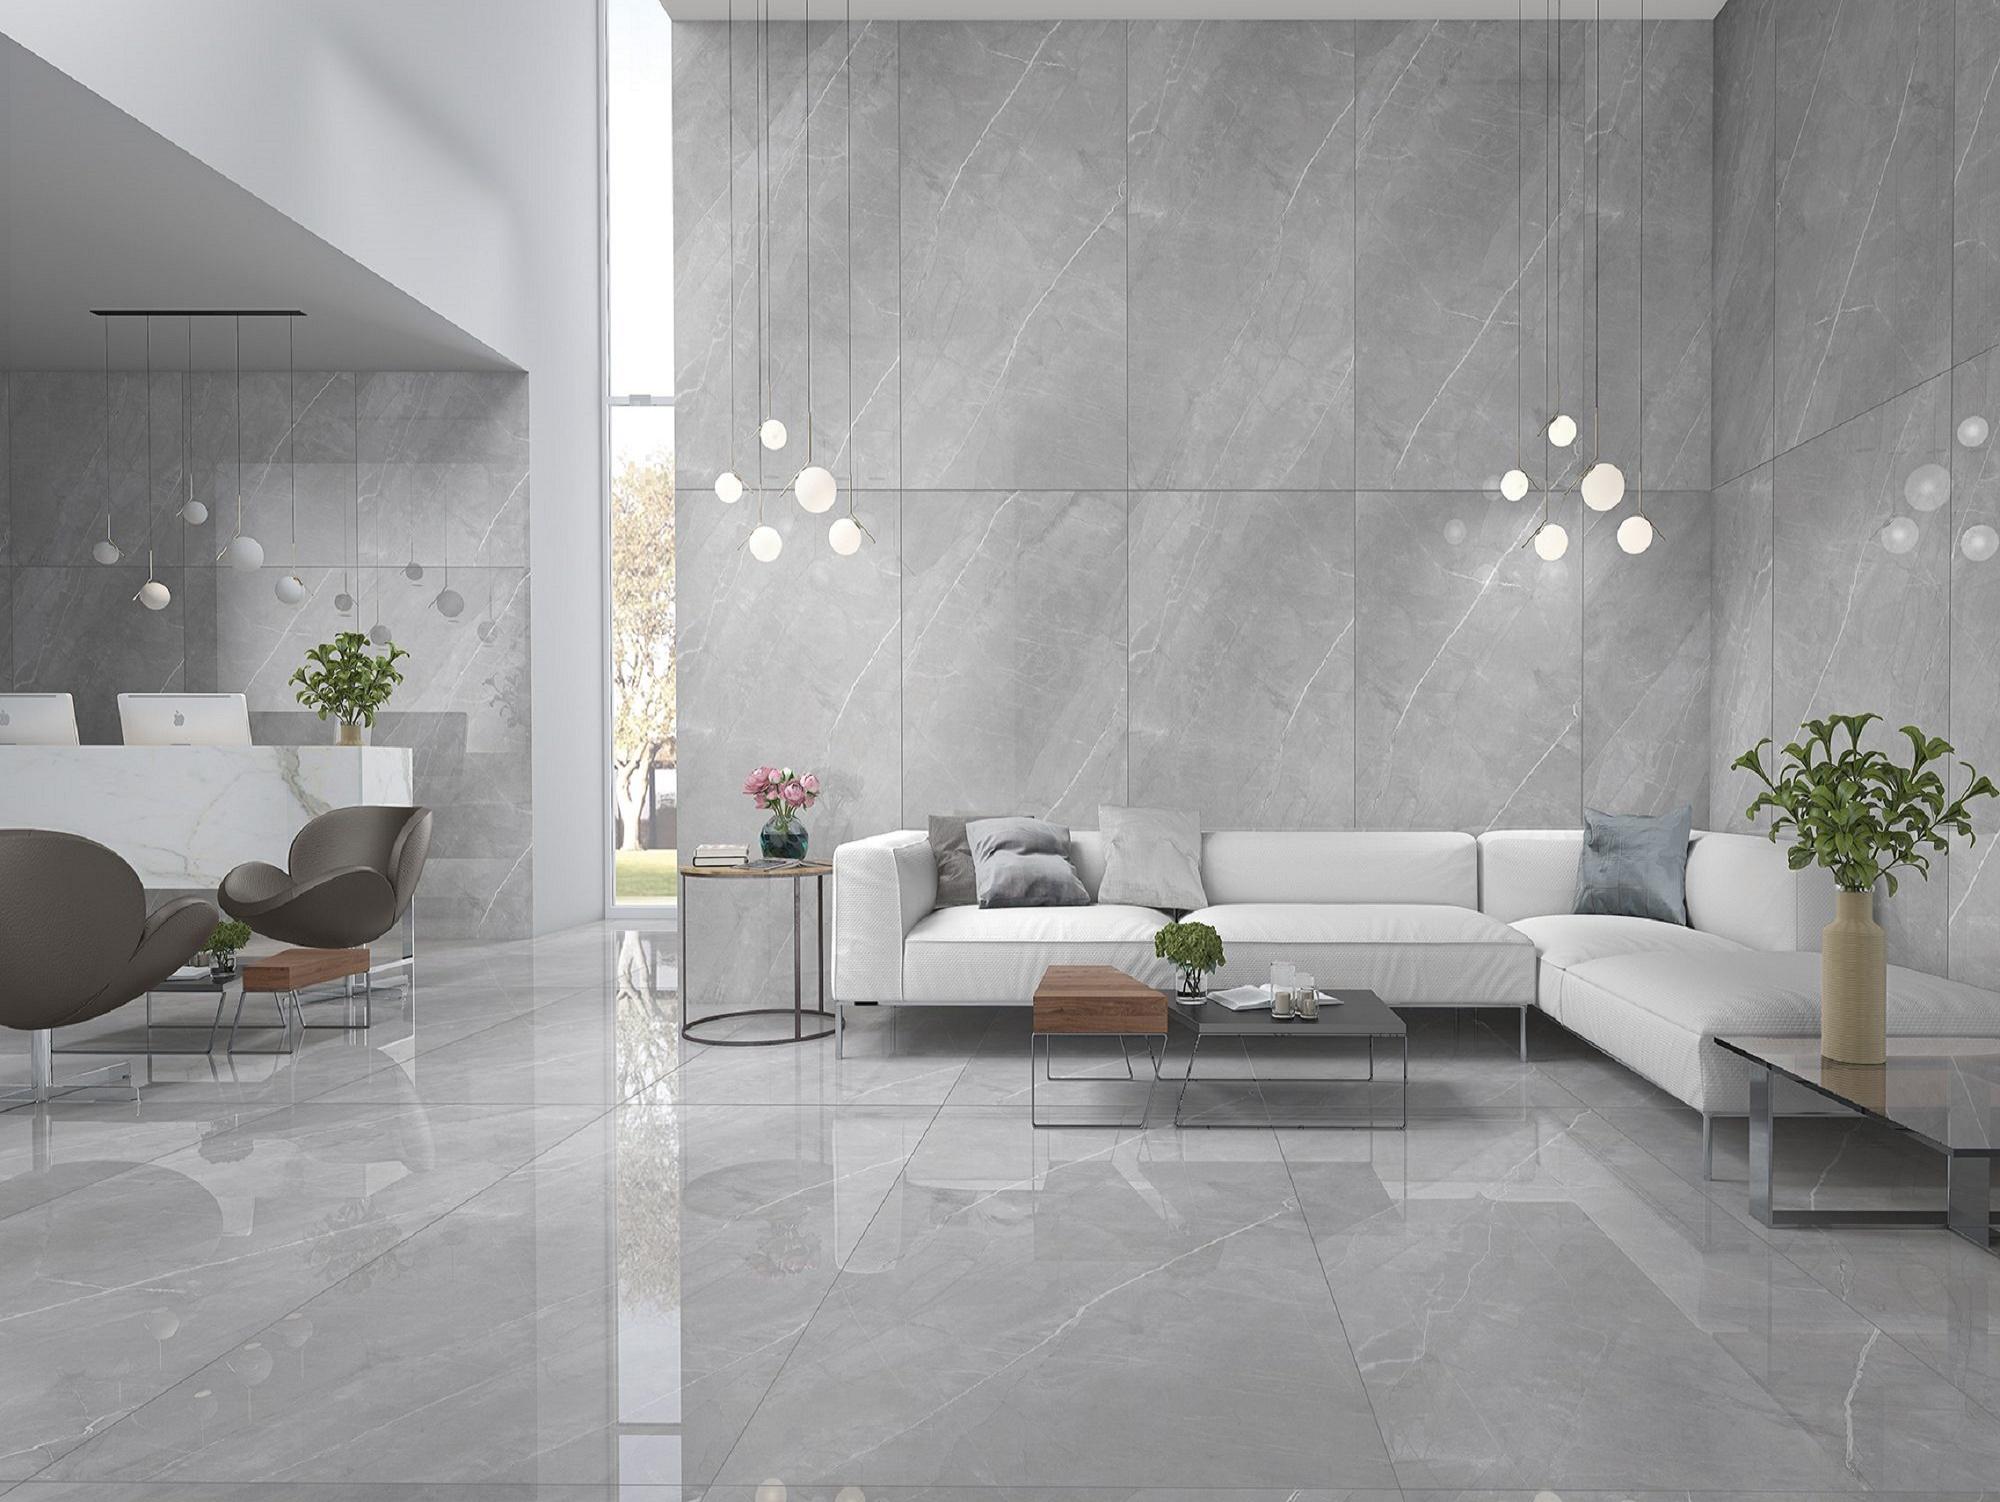 Surface - Glazed Vitrified Tiles